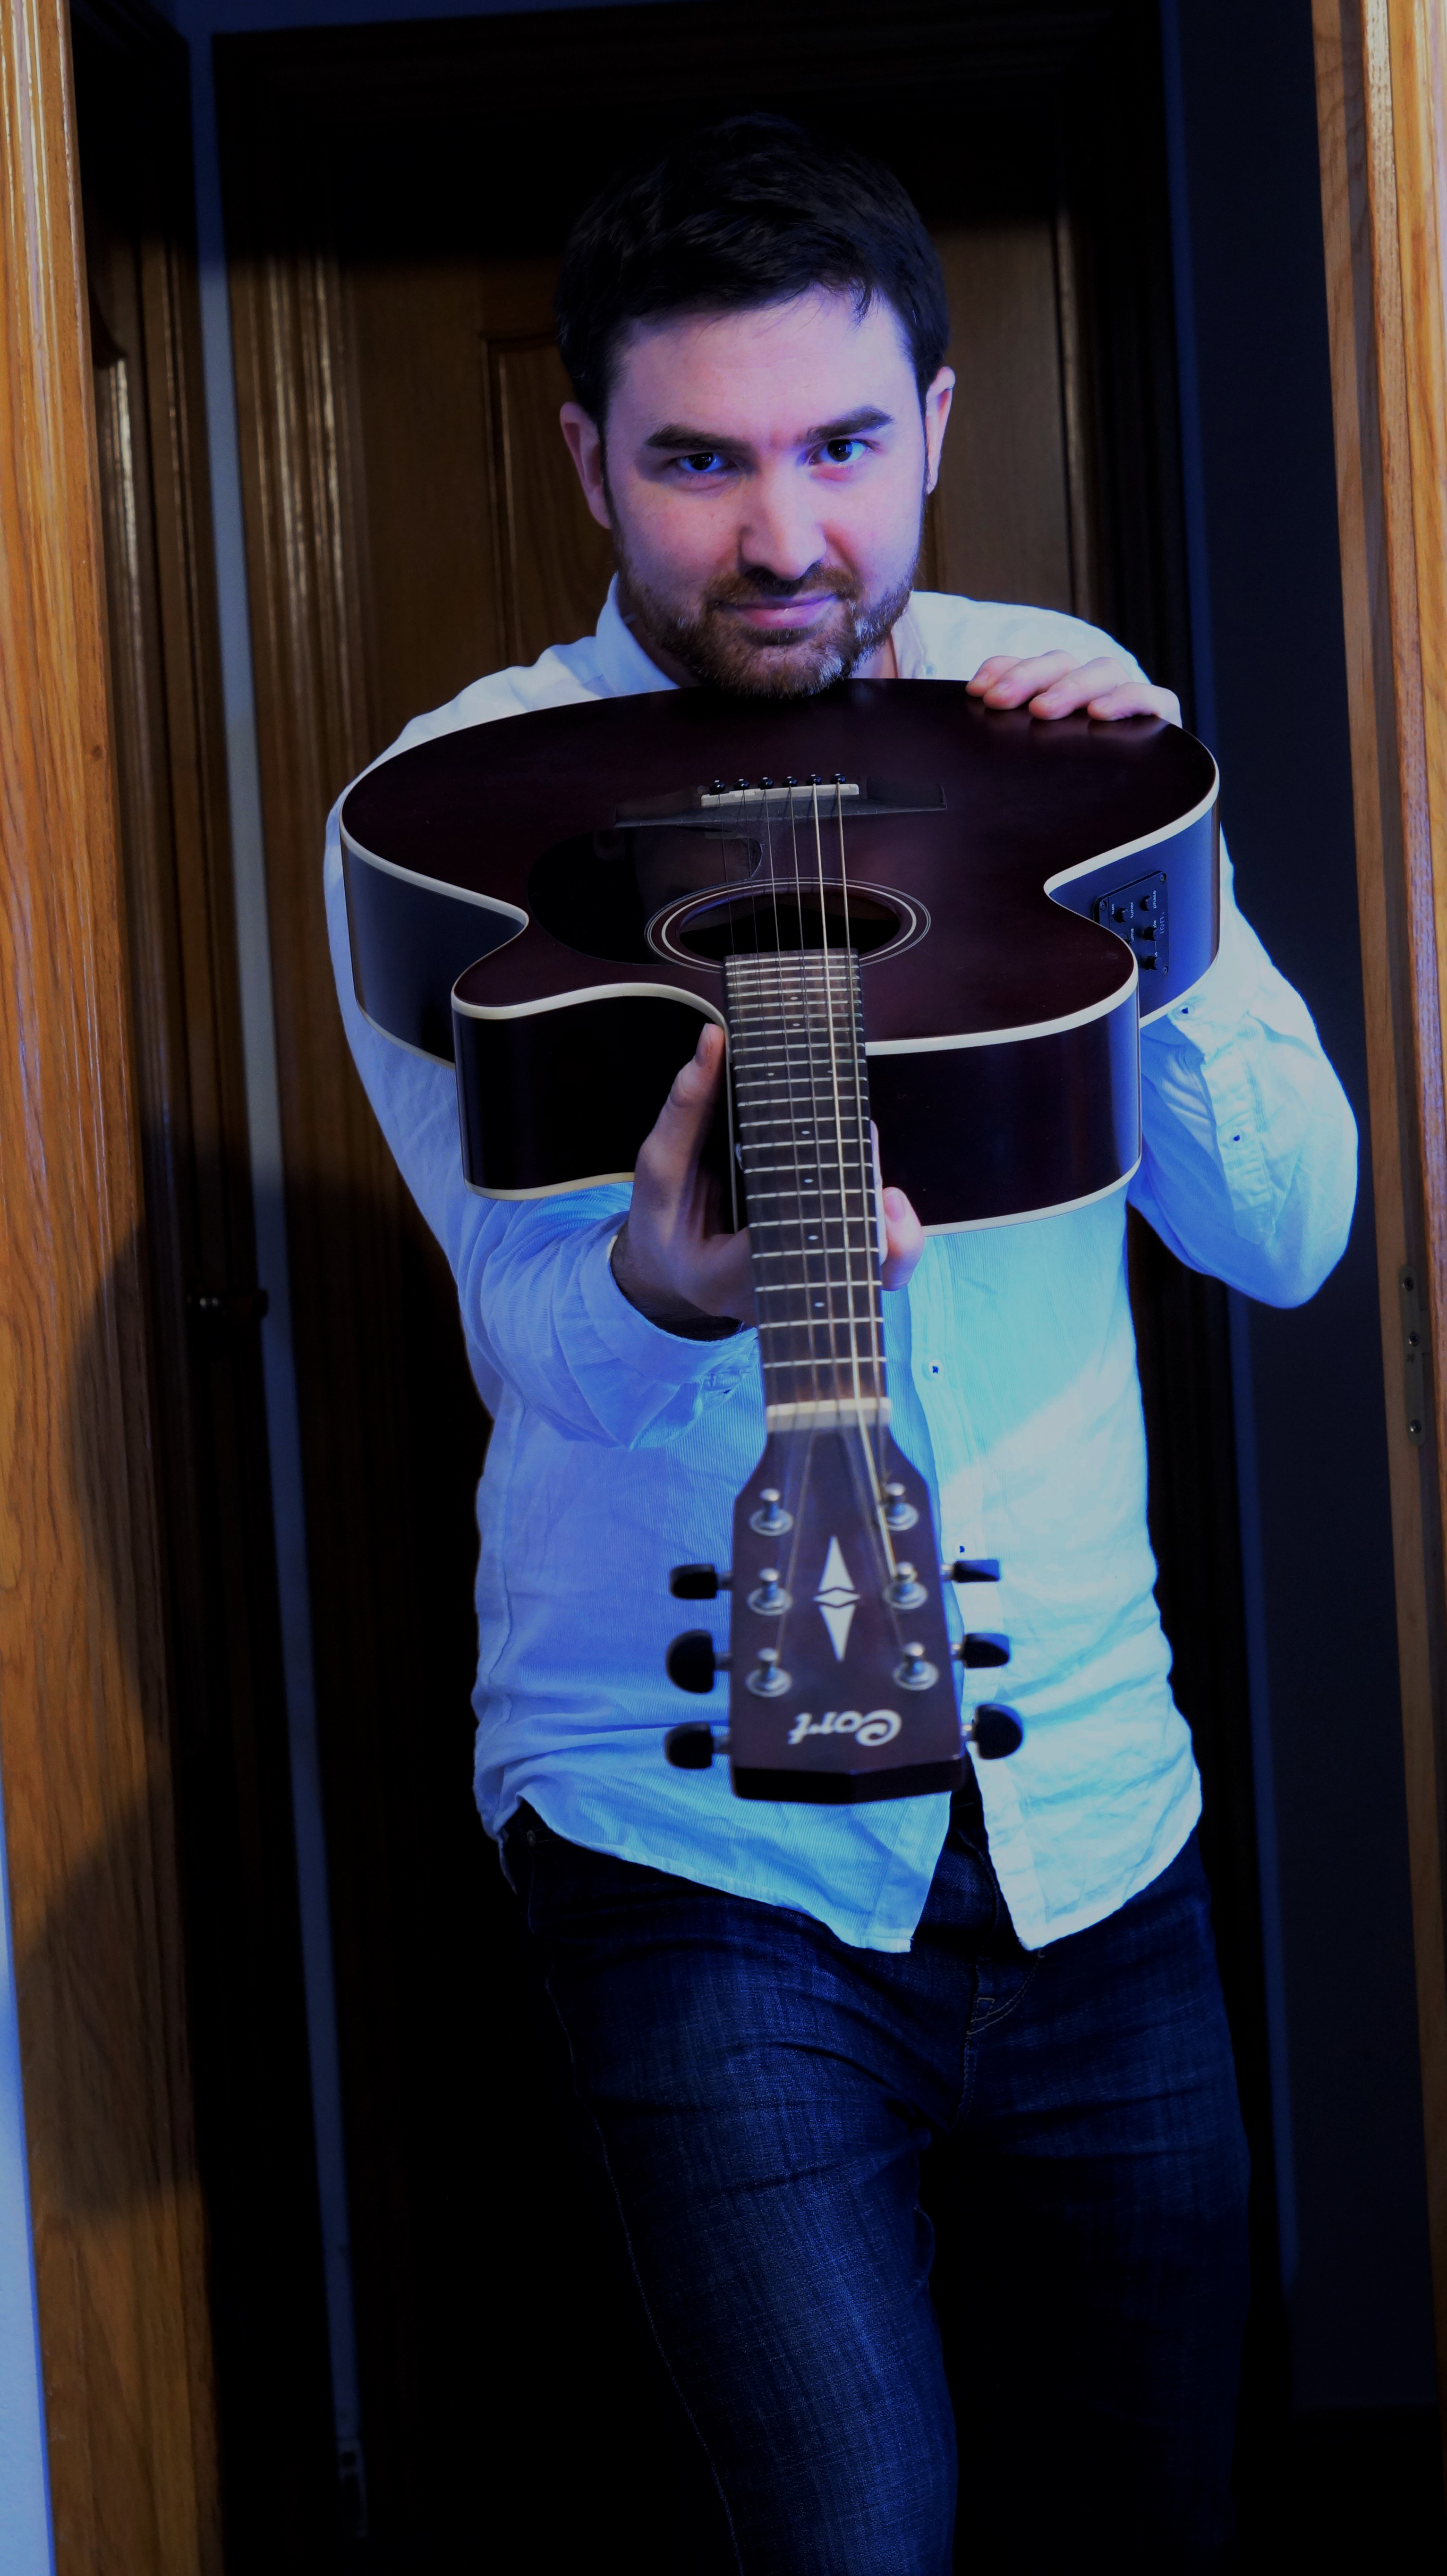 clases gratis de guitarra y ukelele